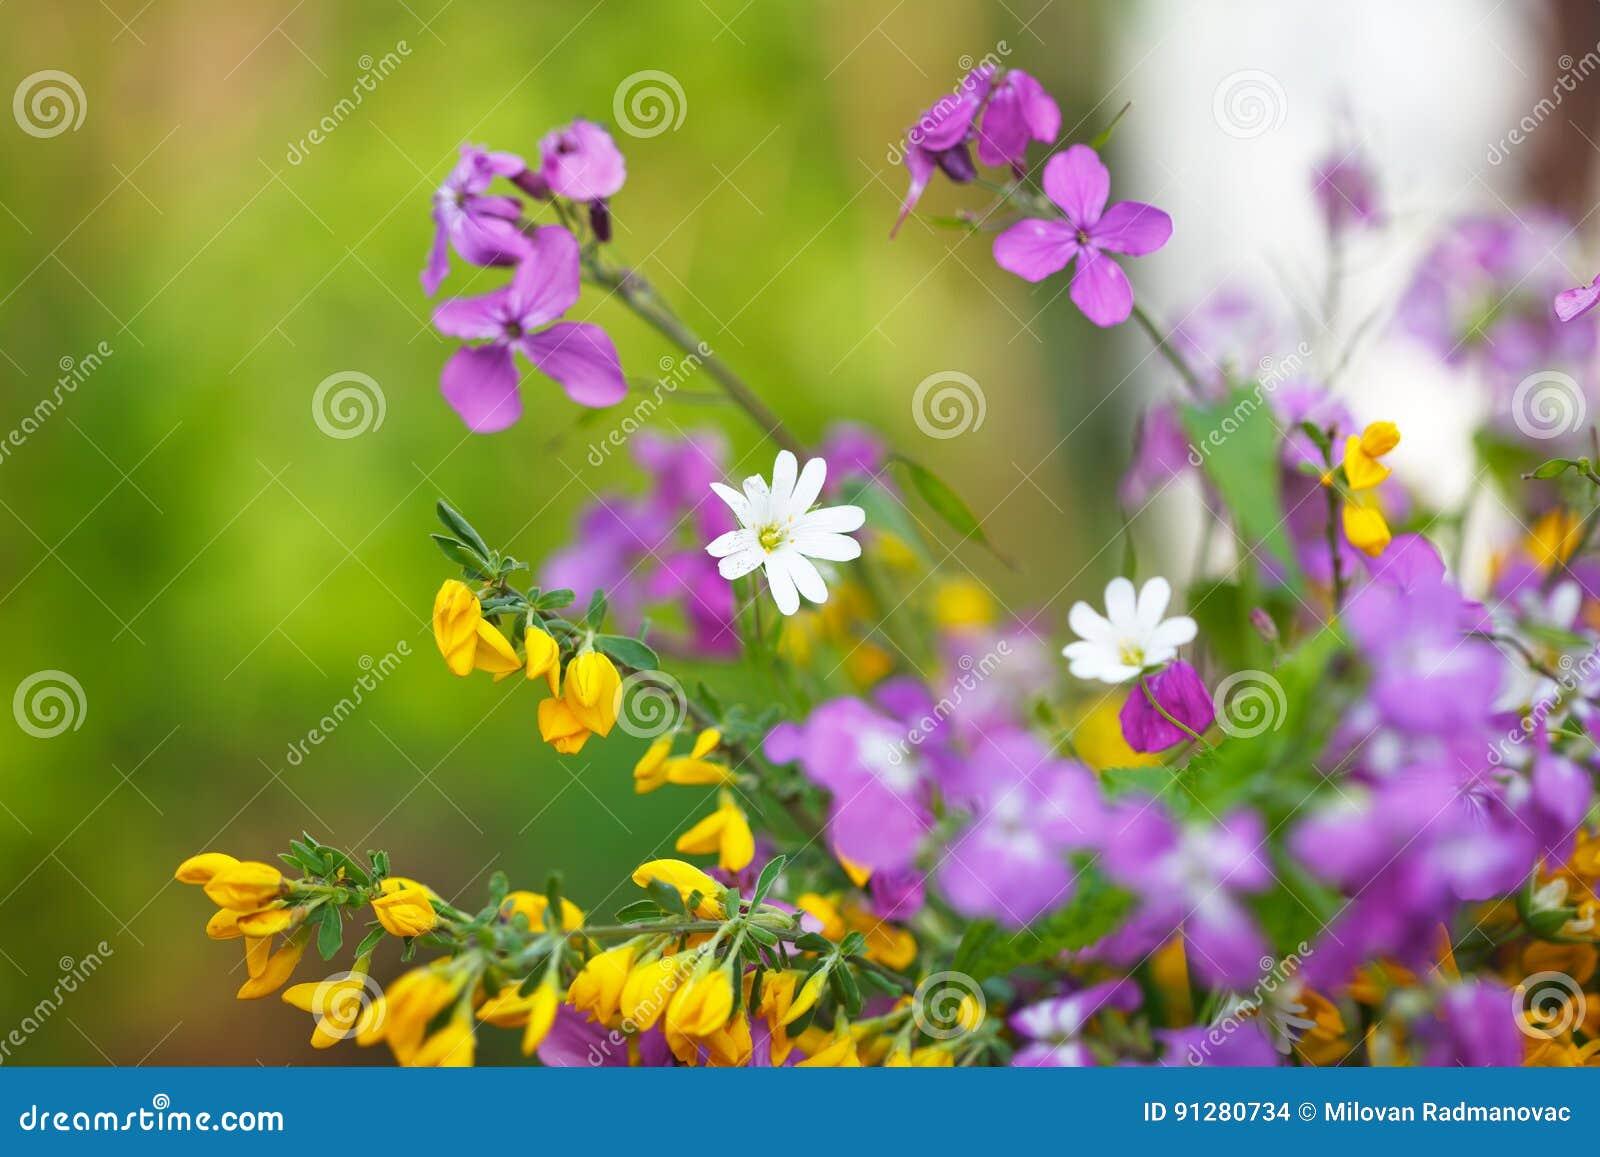 Blommande lösa blommor på ängen